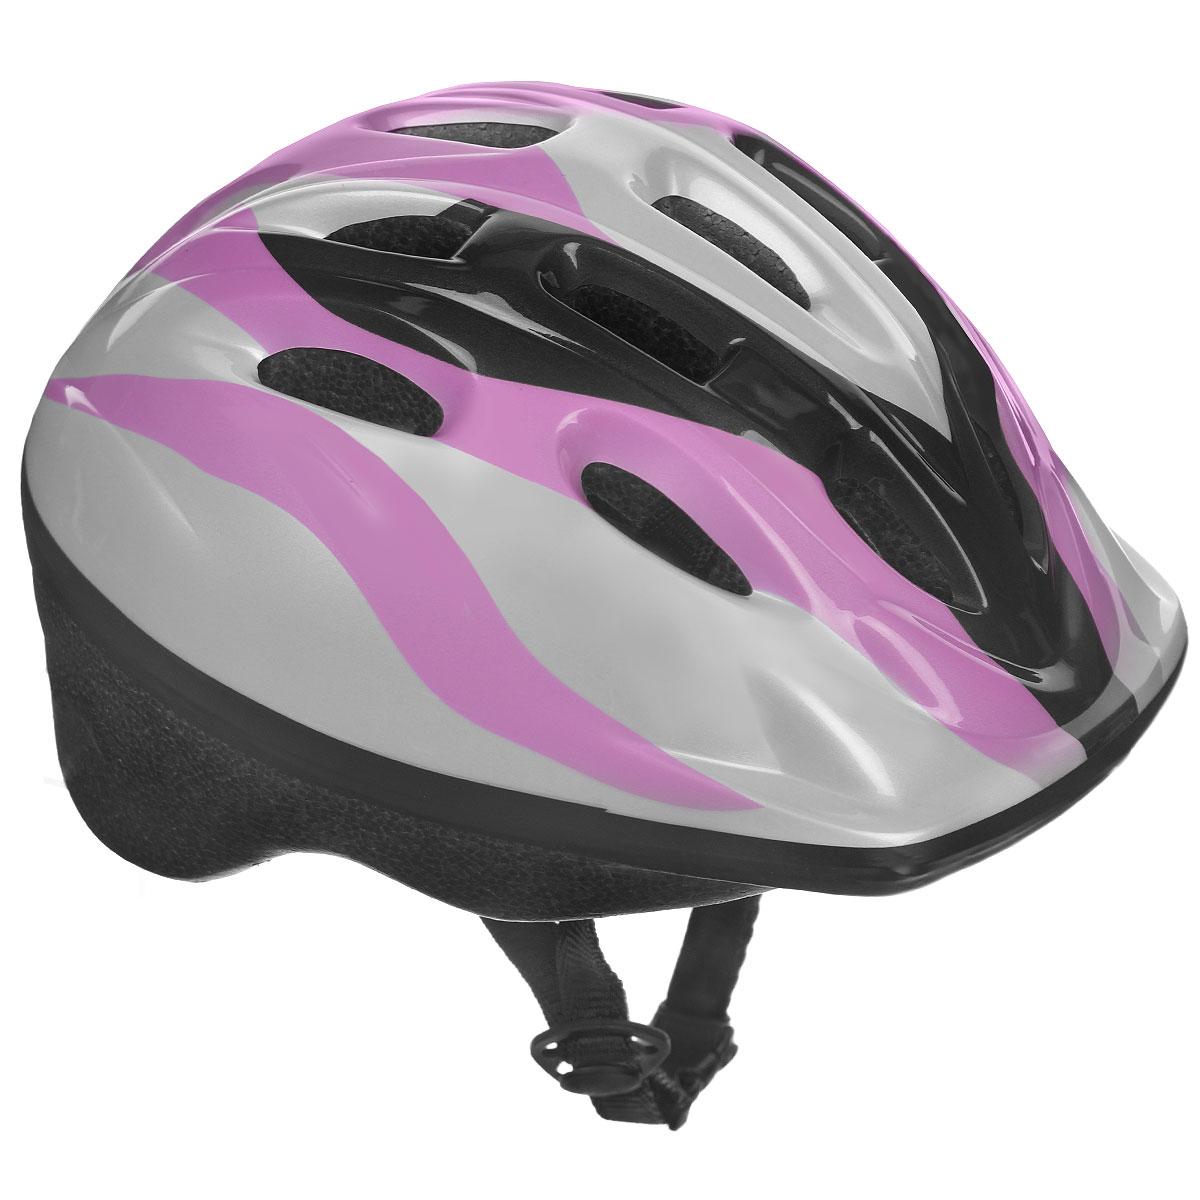 Шлем защитный Action, цвет: белый, черный, розовый. Размер XS (48-51). PWH-40PWH-40Шлем Action послужит отличной защитой для ребенка во время катания на роликах или велосипеде. Он выполнен из плотного вспененного пенопласта, покрытого пластиковой пленкой и отлично сидит на голове, благодаря мягким вставкам на внутренней стороне. Шлем снабжен системой вентиляции и крепится при помощи удобного регулируемого ремня с пластиковым карабином, застегивающимся на подбородке.